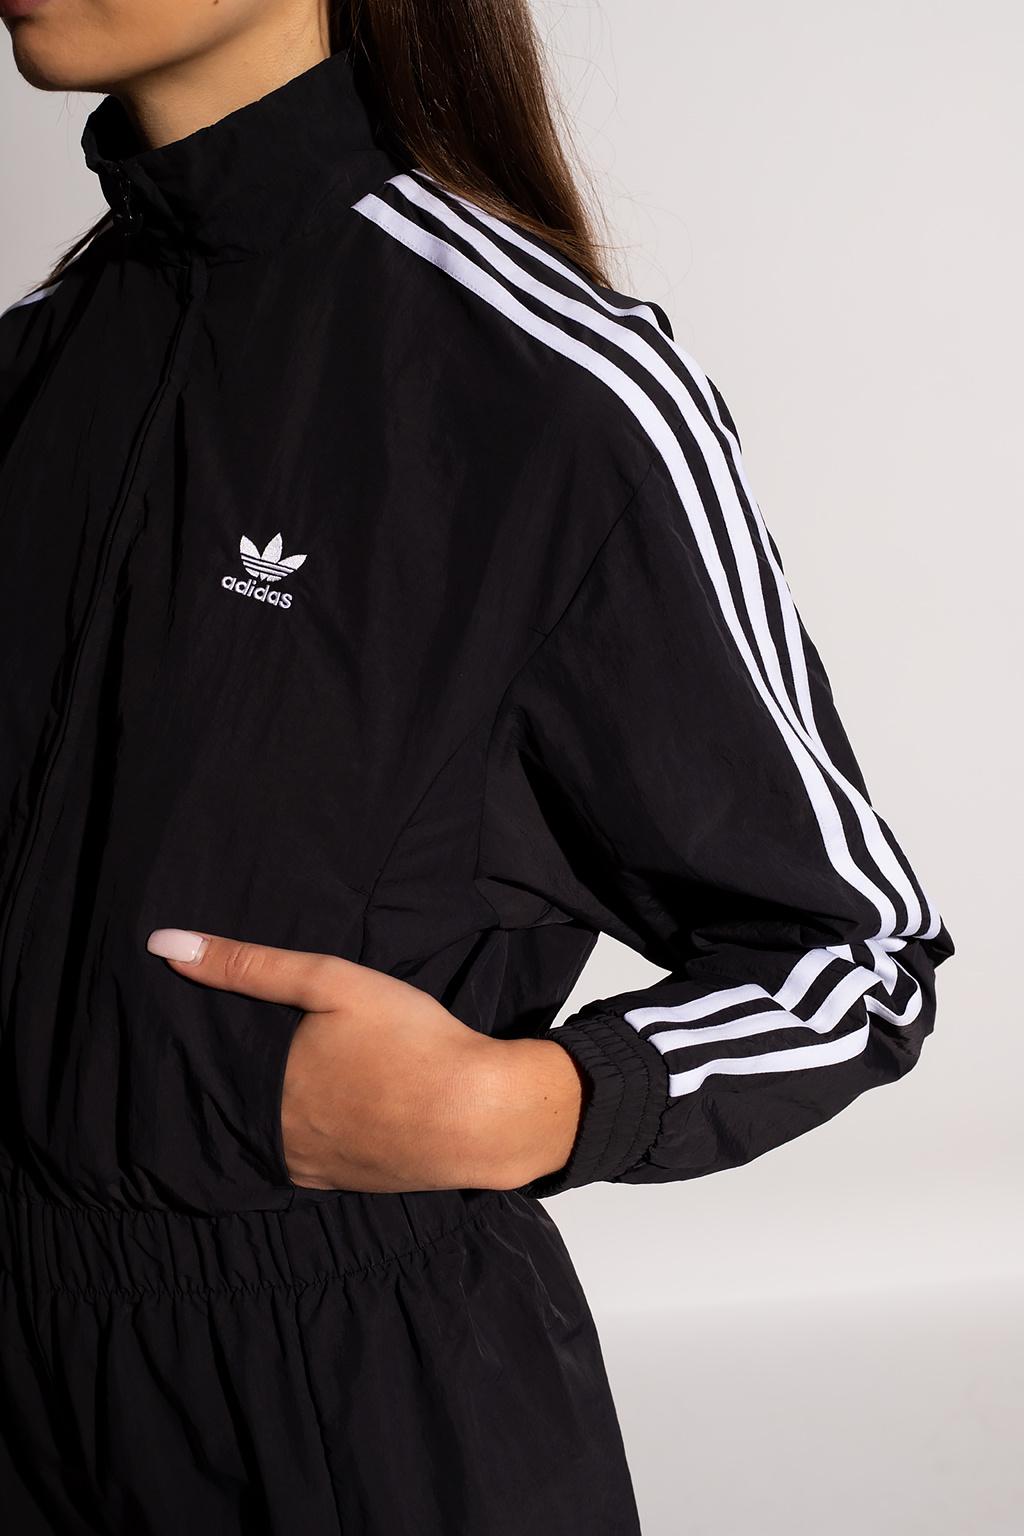 ADIDAS Originals Jumpsuit with logo